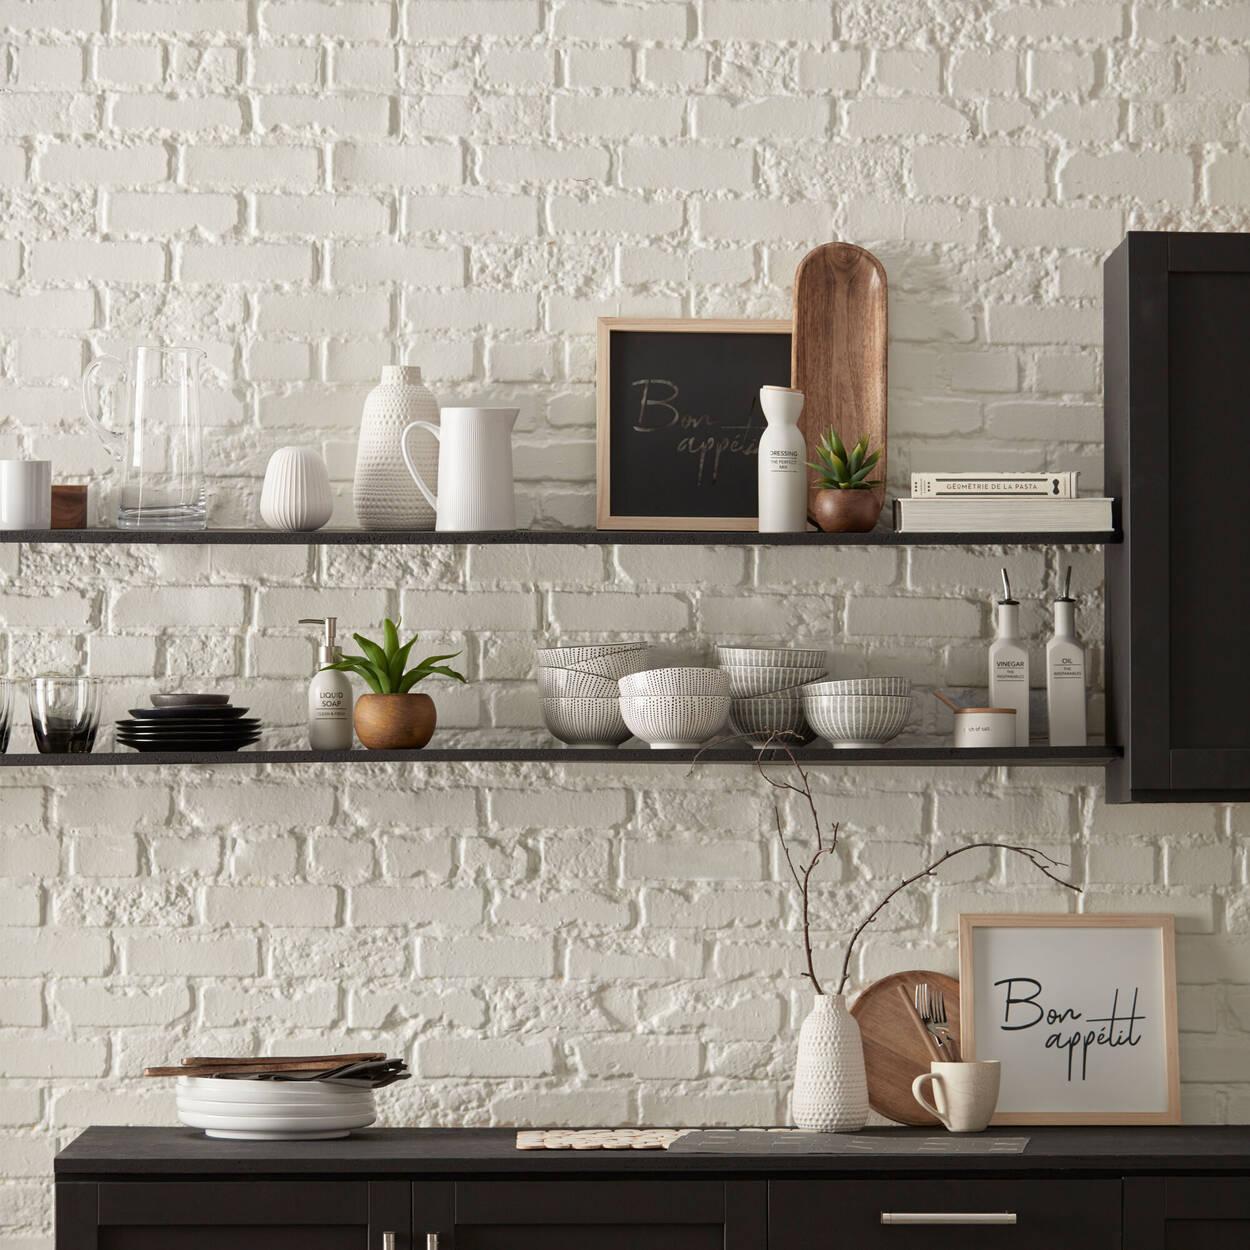 Striped Ceramic Bowl